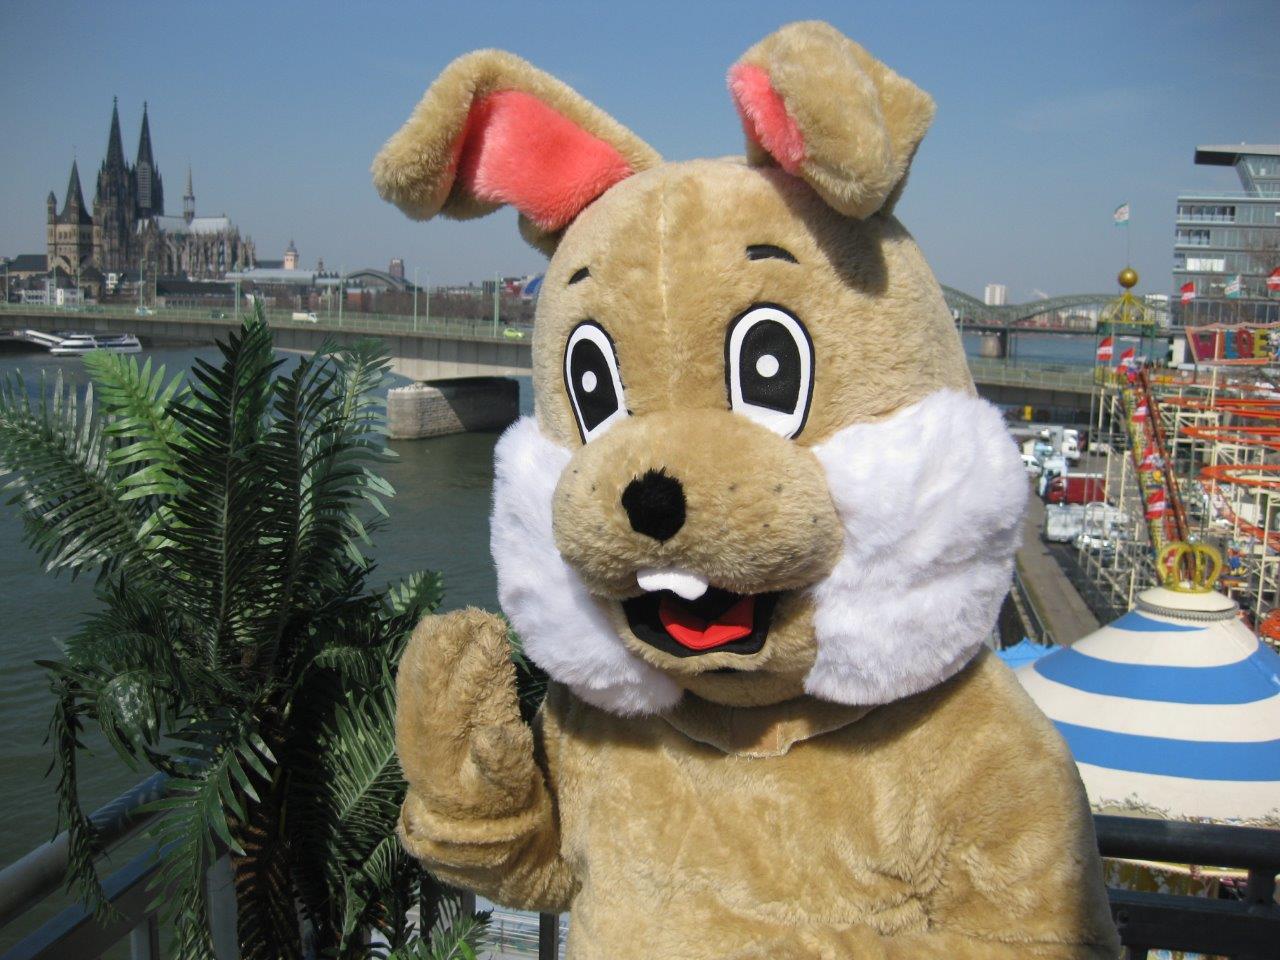 Zu Ostern wird ein plüschiger Osterhase über den Platz gehen und Freude und Süßigkeiten an Kinder verschenken. copyright:  Gemeinschaft Kölner Schausteller (GKS) e.G.